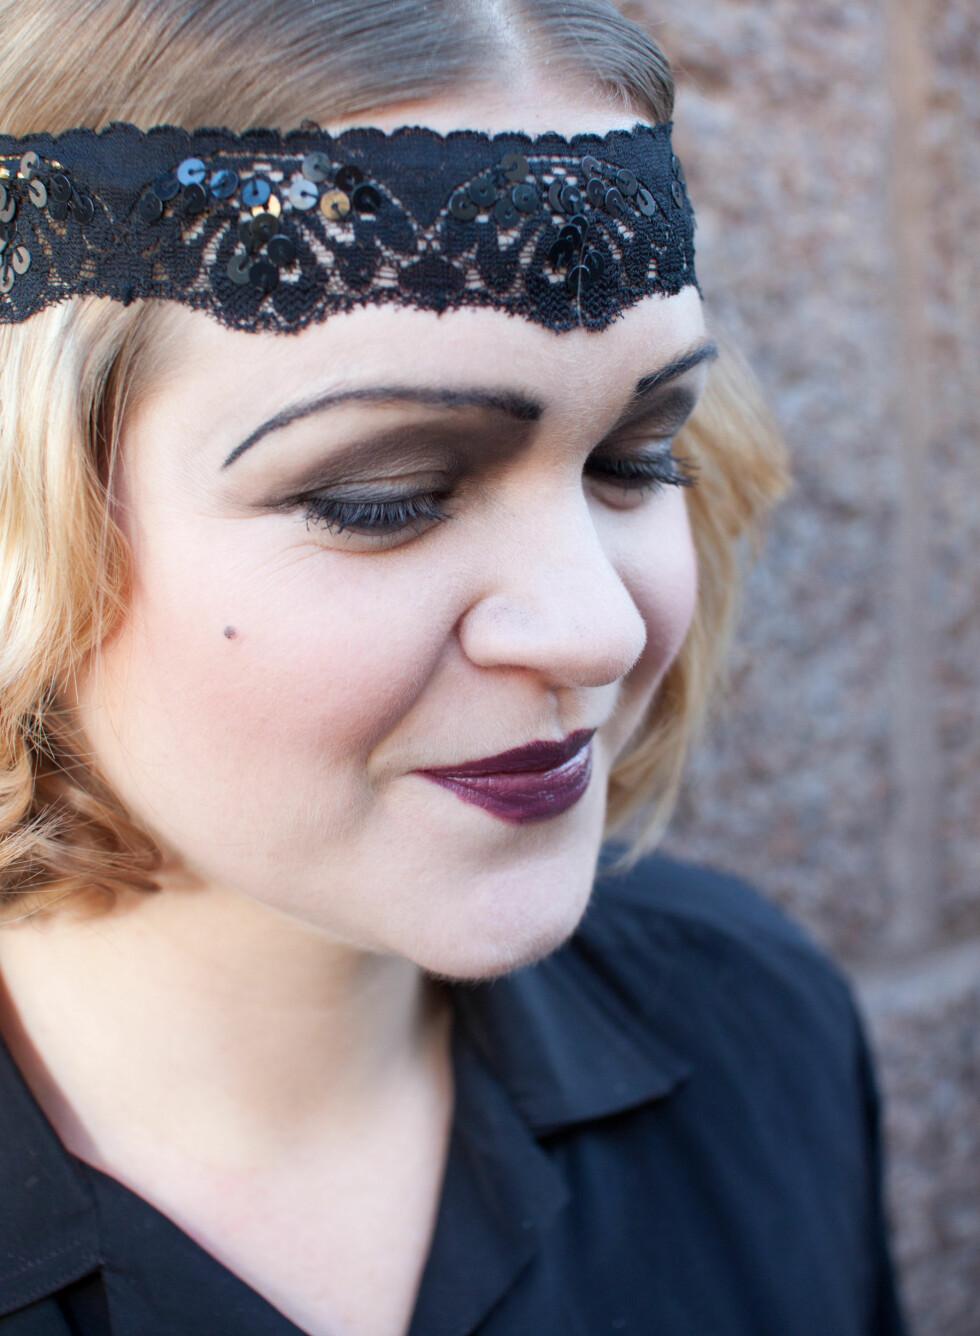 Øyebrynene ble tilpasset min naturlige form, men buet ganske kraftig nedover for å framheve det triste uttrykket på sminken.  Foto: Kristin Hove